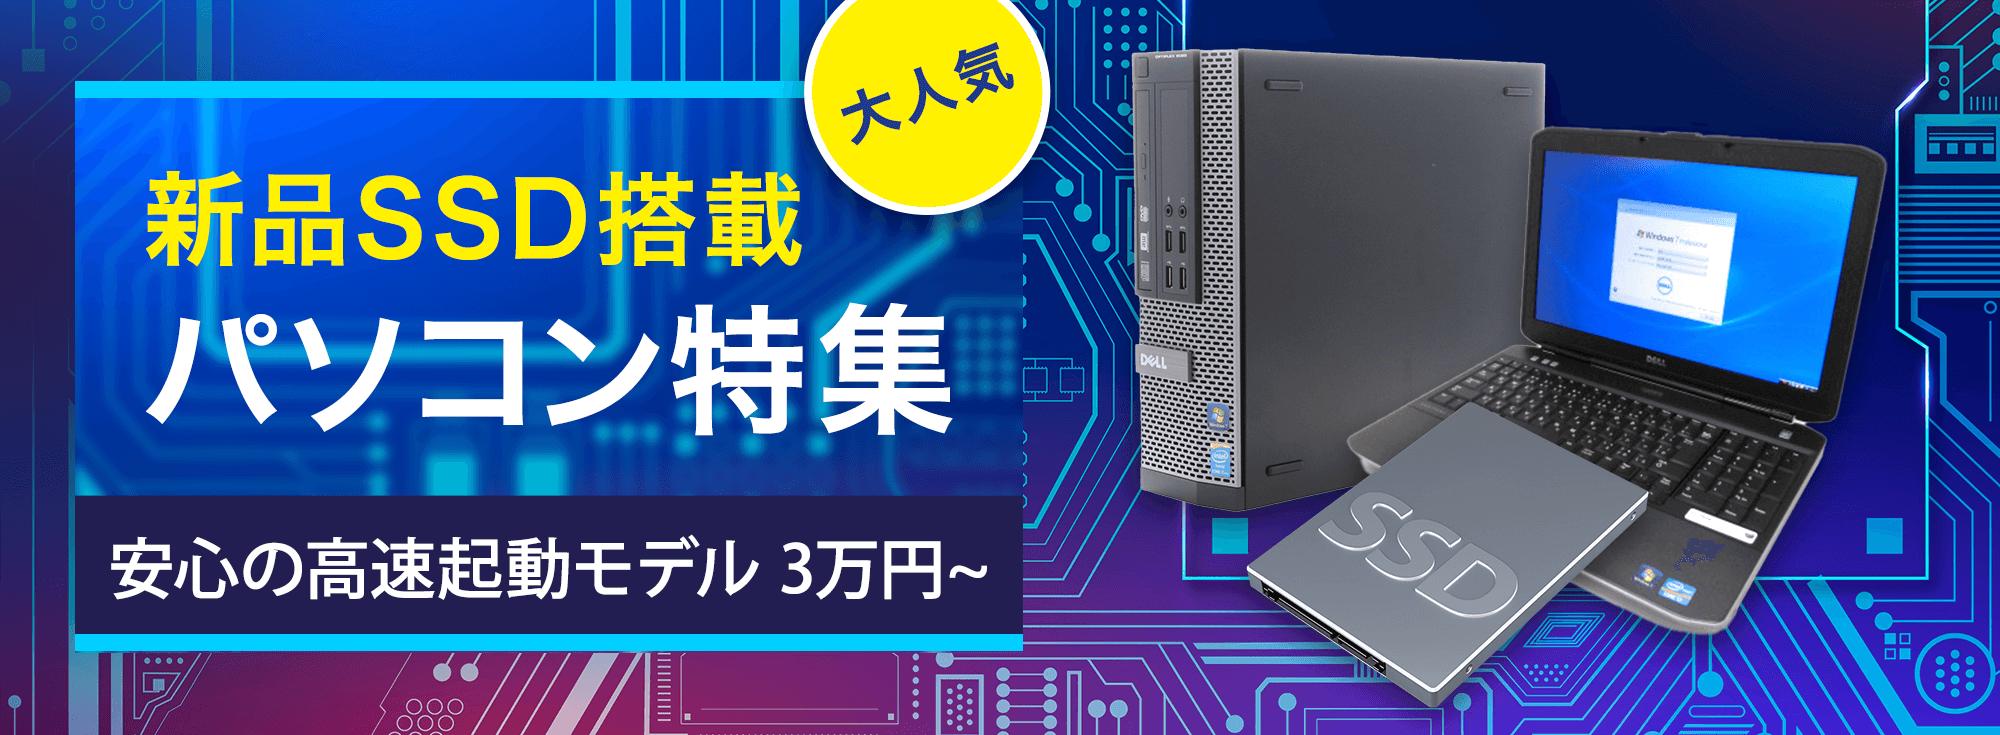 大人気 新品SSD搭載 パソコン特集